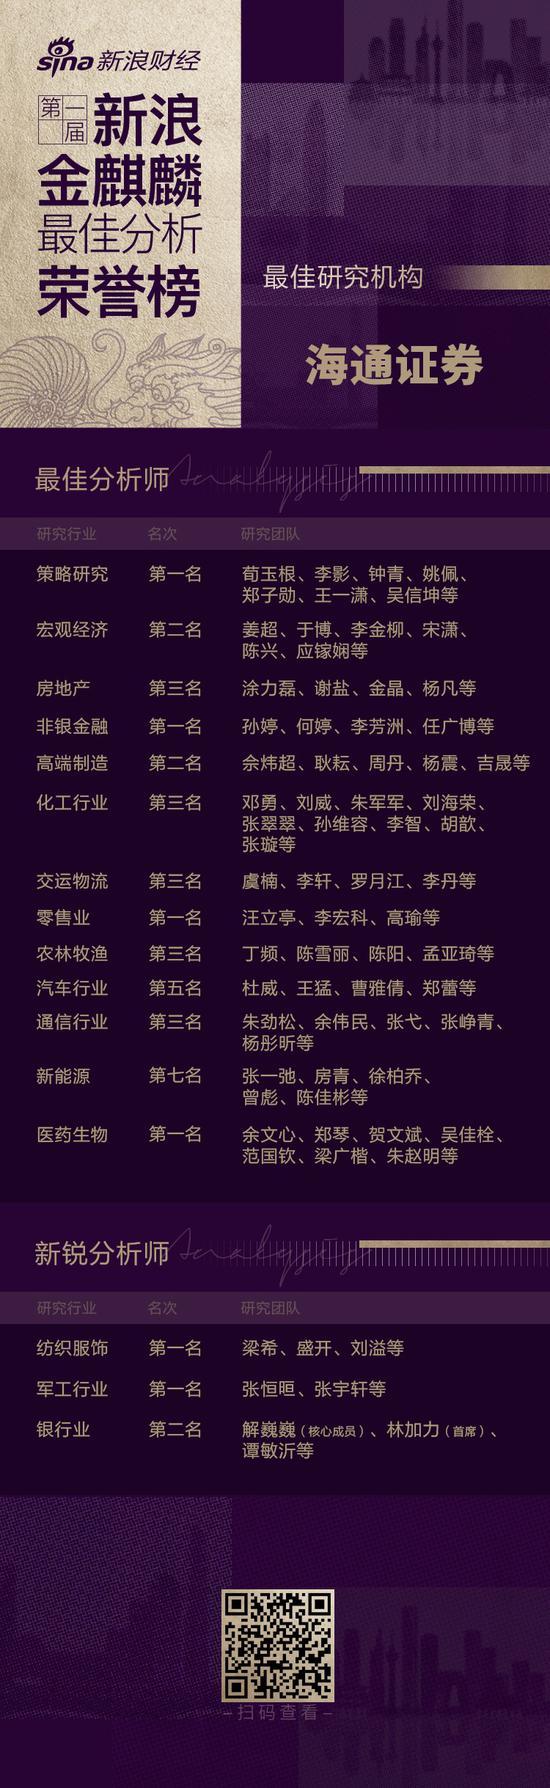 队员出演中国女排超过百万网友参与讨论了这件事情